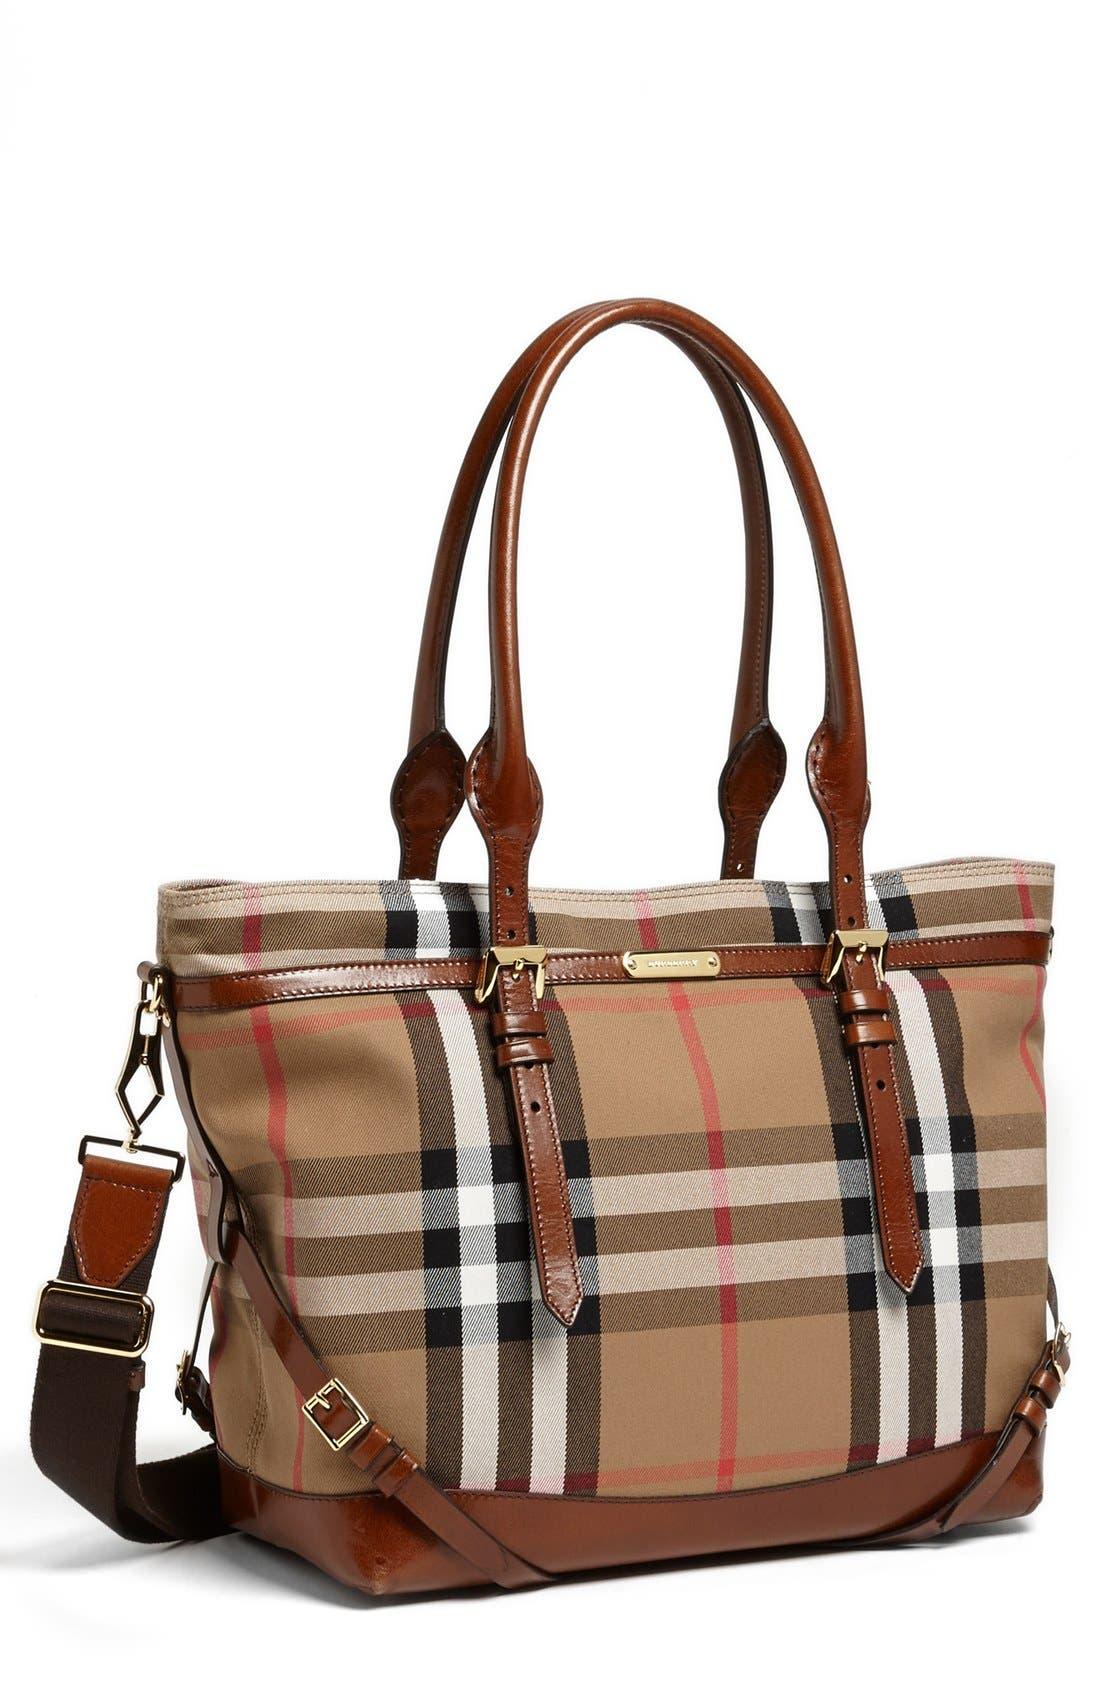 Alternate Image 1 Selected - Burberry Diaper Bag